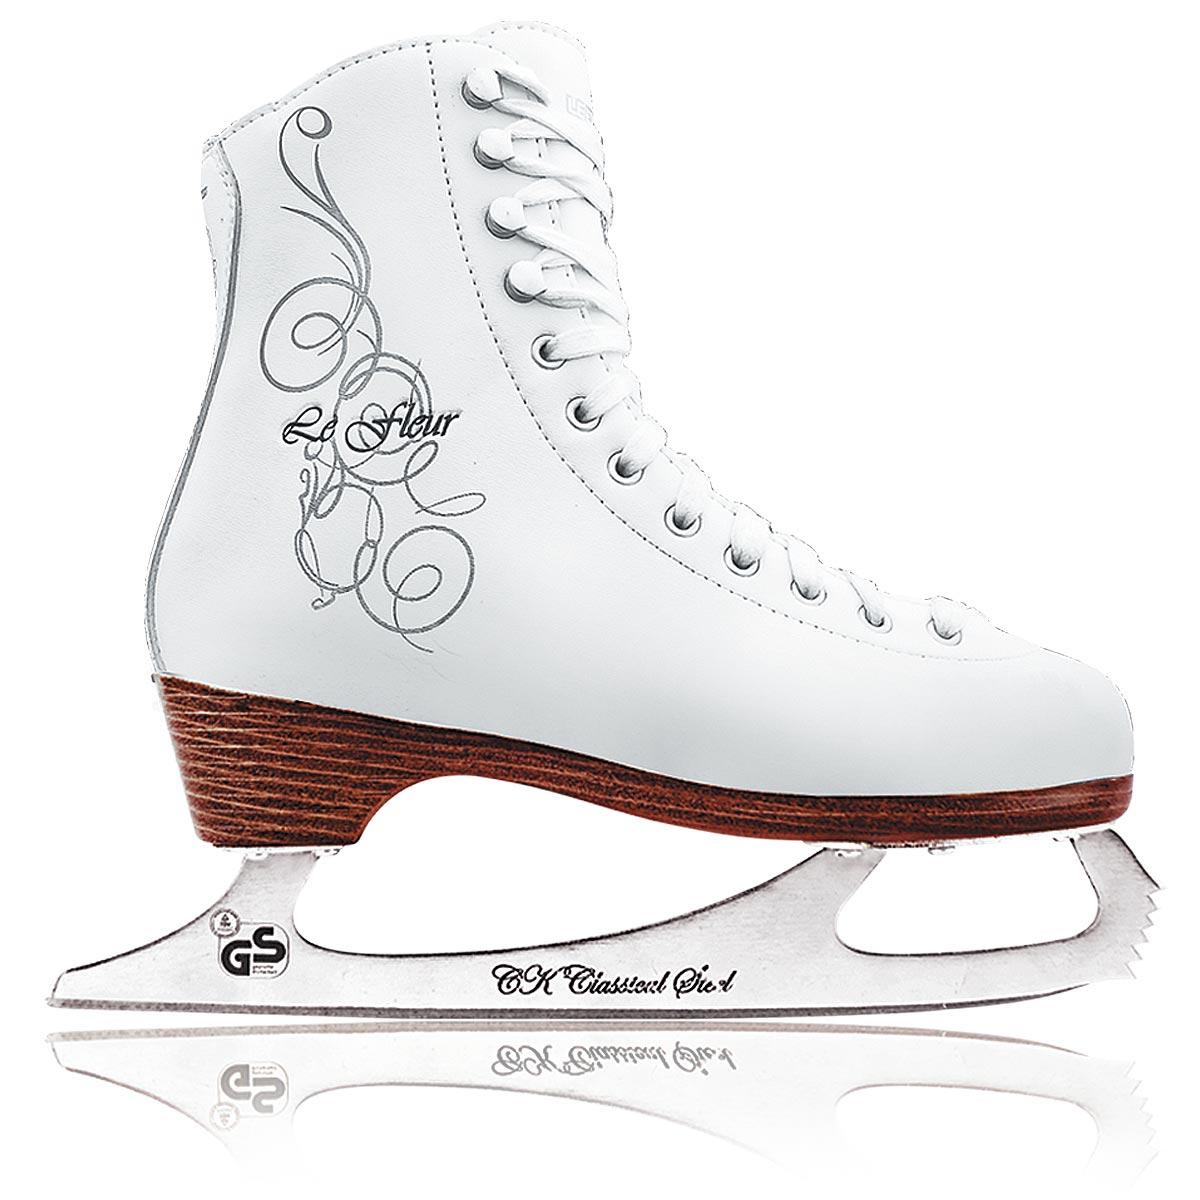 Коньки фигурные для девочки СК Le Fleur Leather 100%, цвет: белый, серебряный. Размер 33Le Fleur Leather 100%_белый, серебряный_33